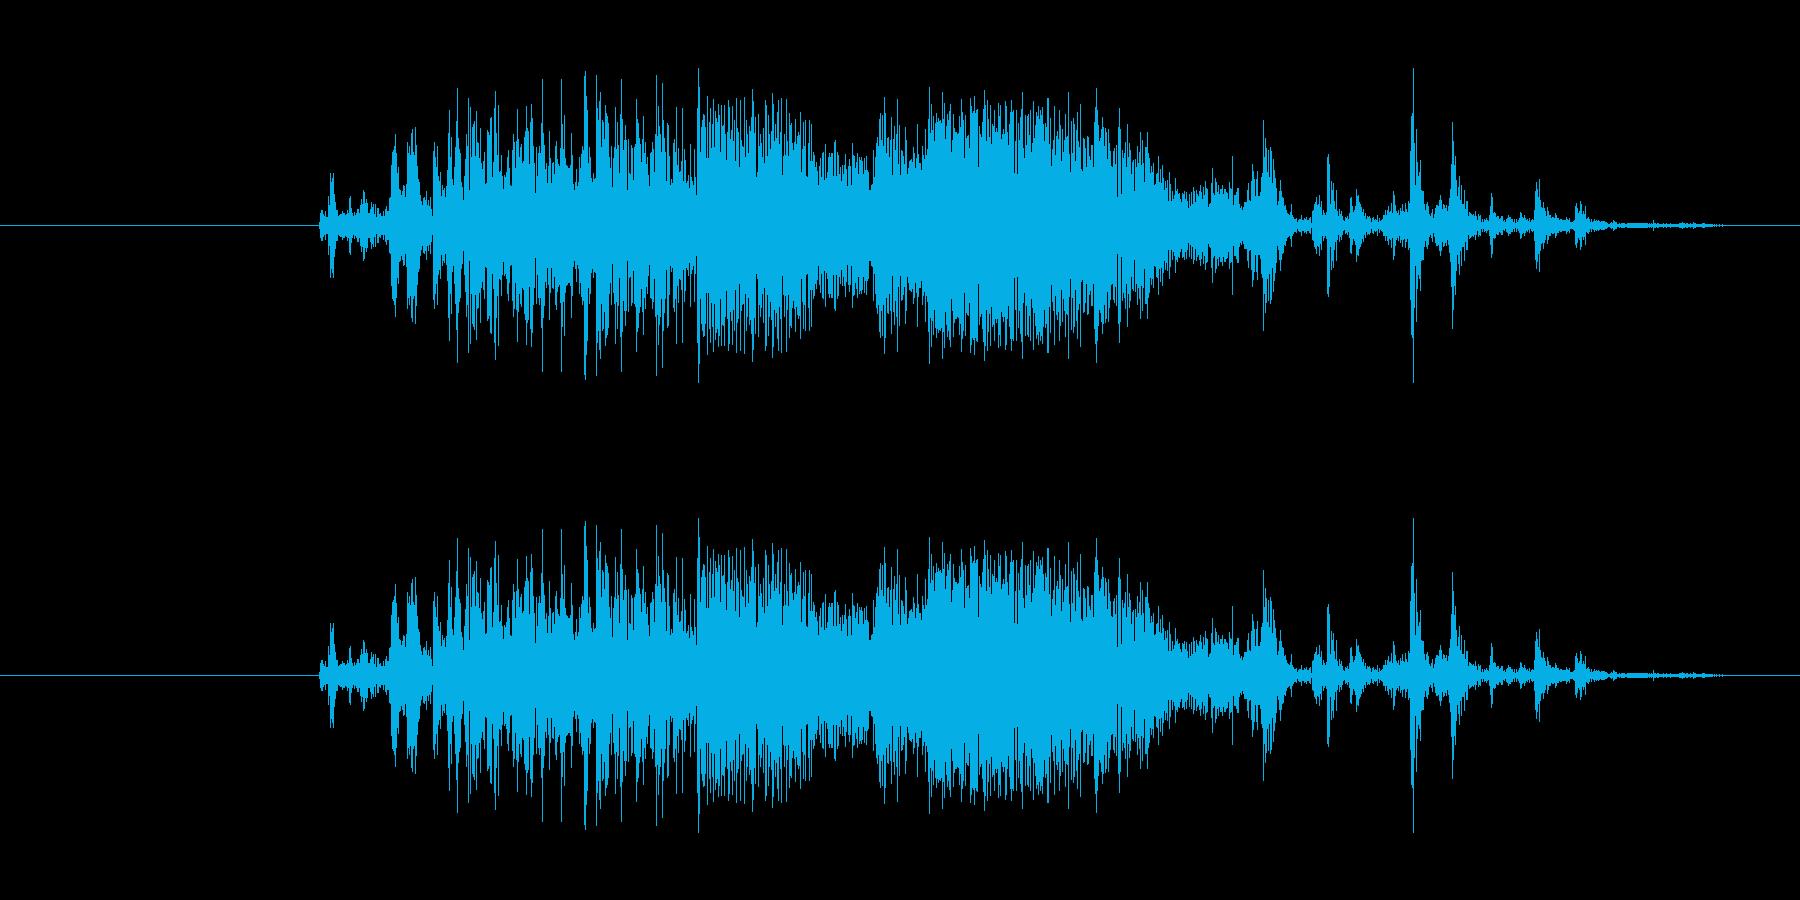 シャカッ(氷をコップに入れる音の再生済みの波形